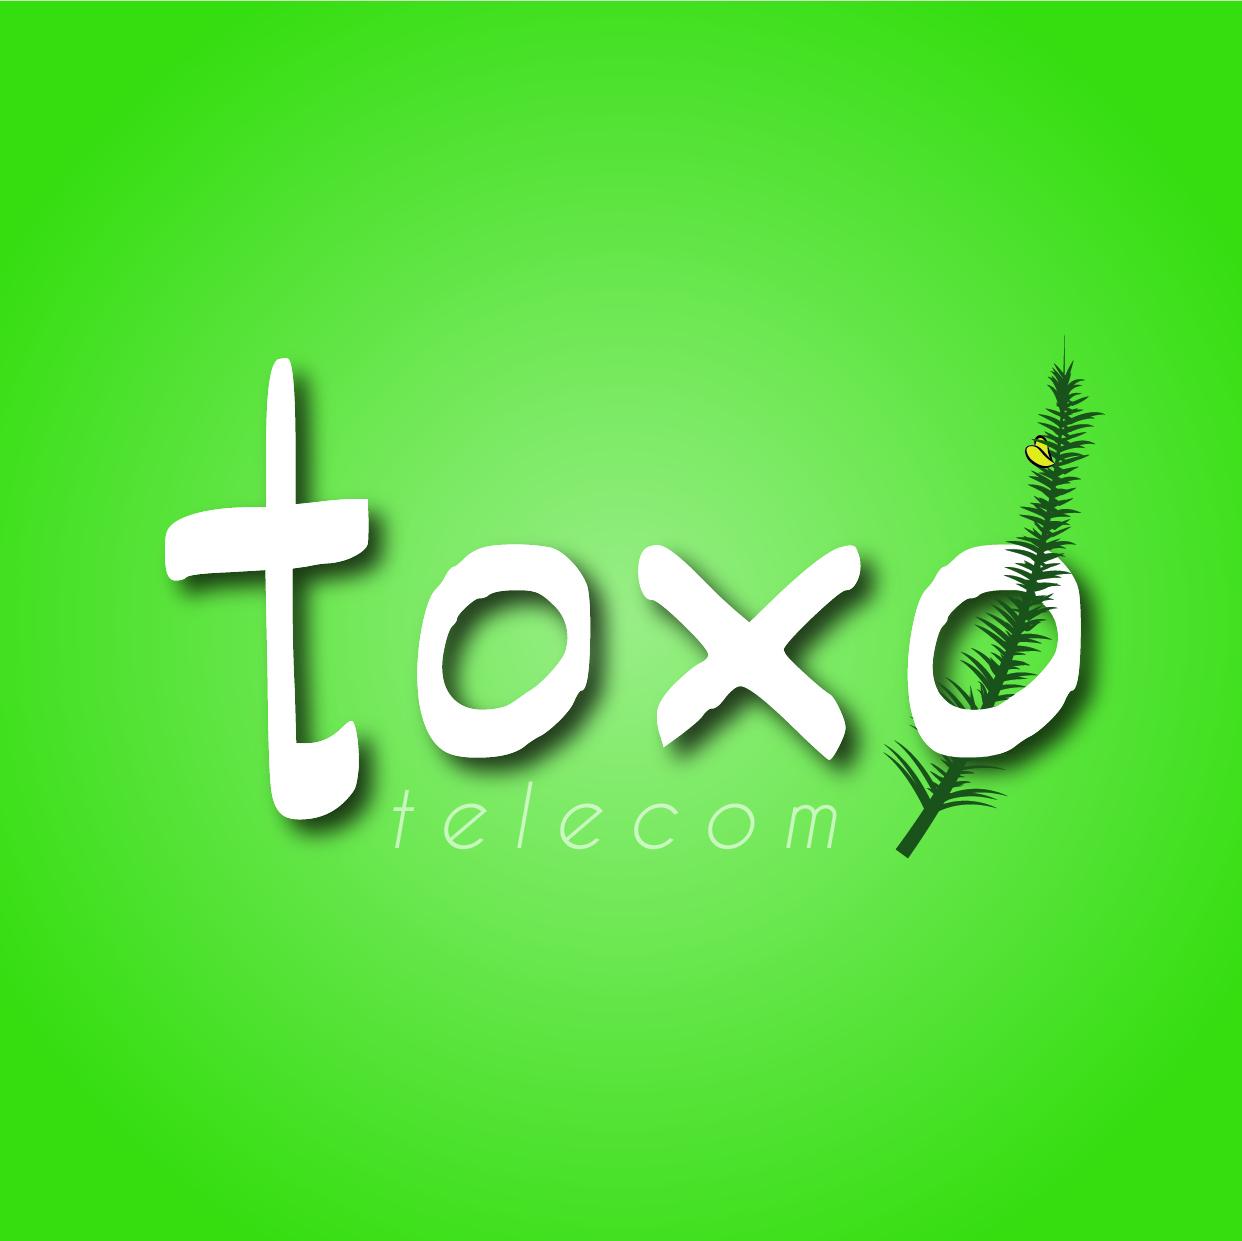 toxo-telecom